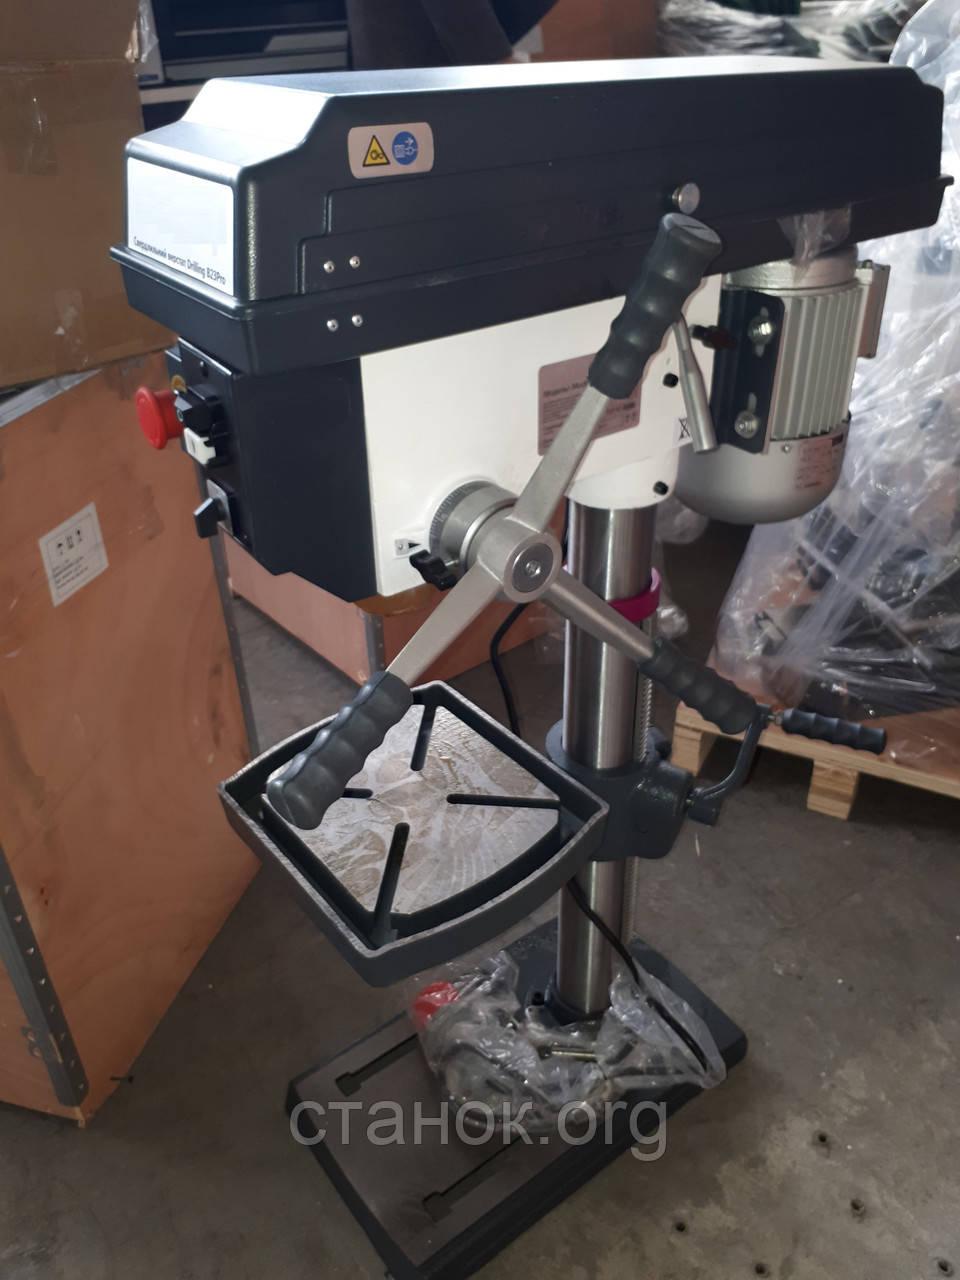 OPTIdrill 23 B PRO cверлильный станок по металлу свердлильний верстат оптимум дрил 23 б про Optimum